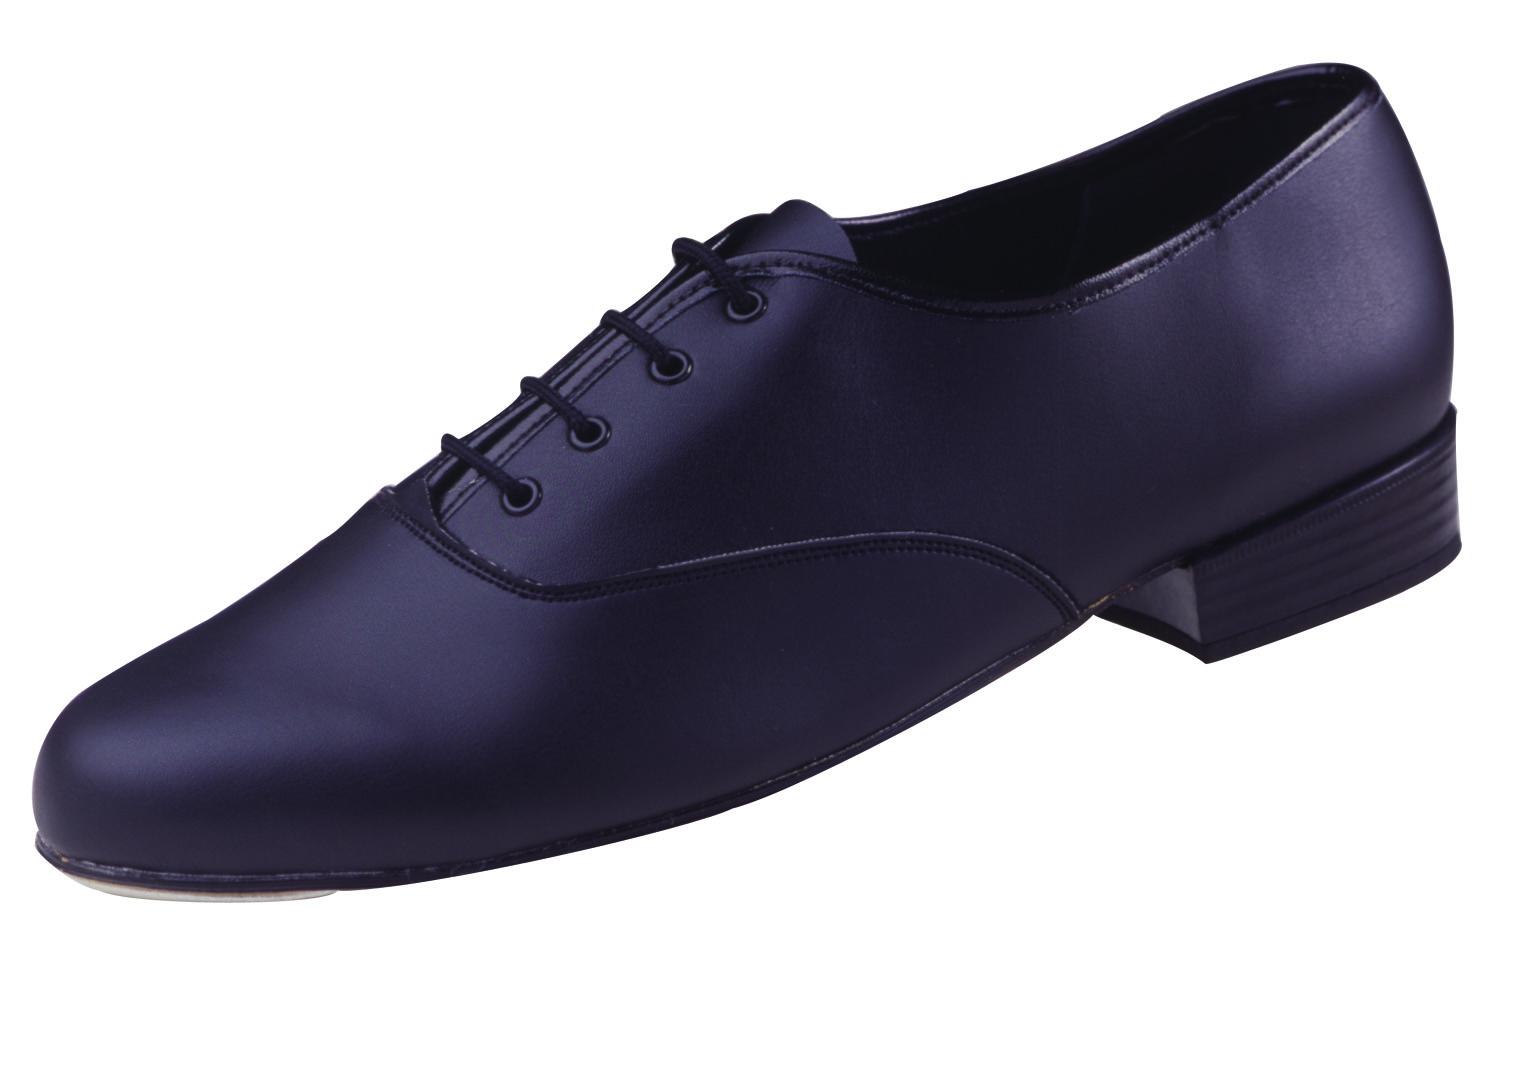 1528x1080 Free Men Shoes Clipart Image